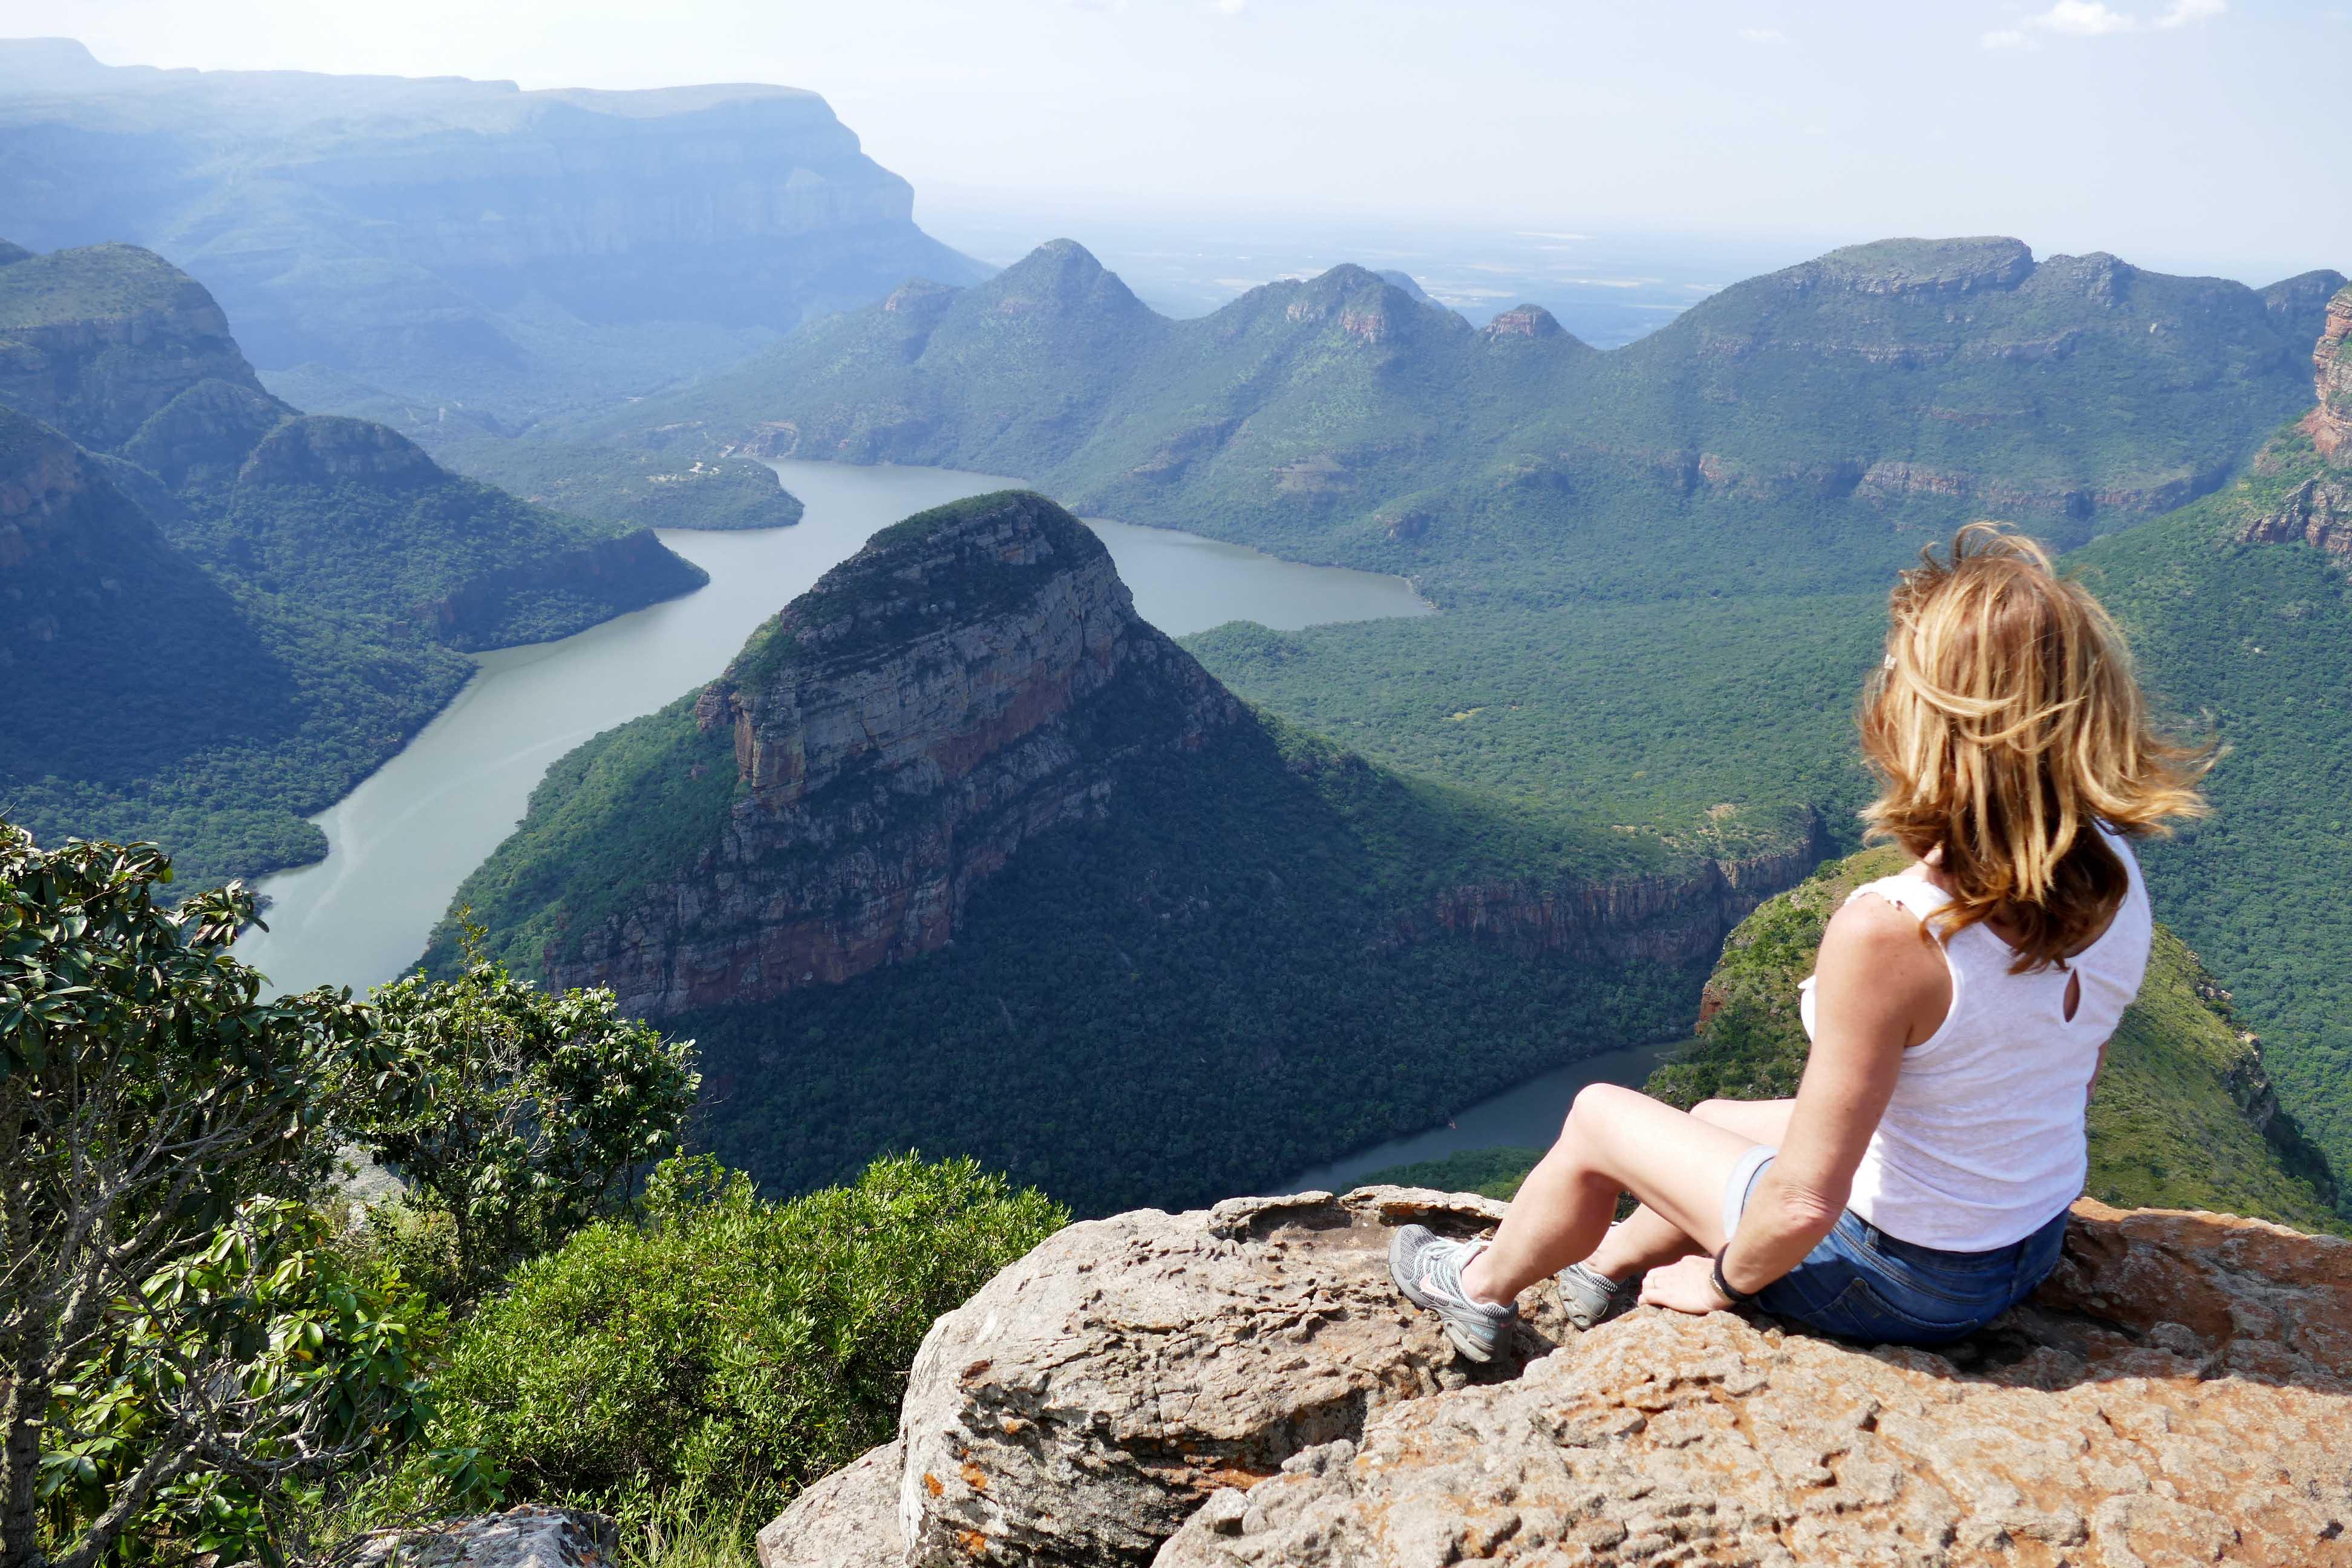 Afrique du Sud : Blyde River Canyon, Pilgrim's Rest... et une petite marche dans le bush avec des lions!